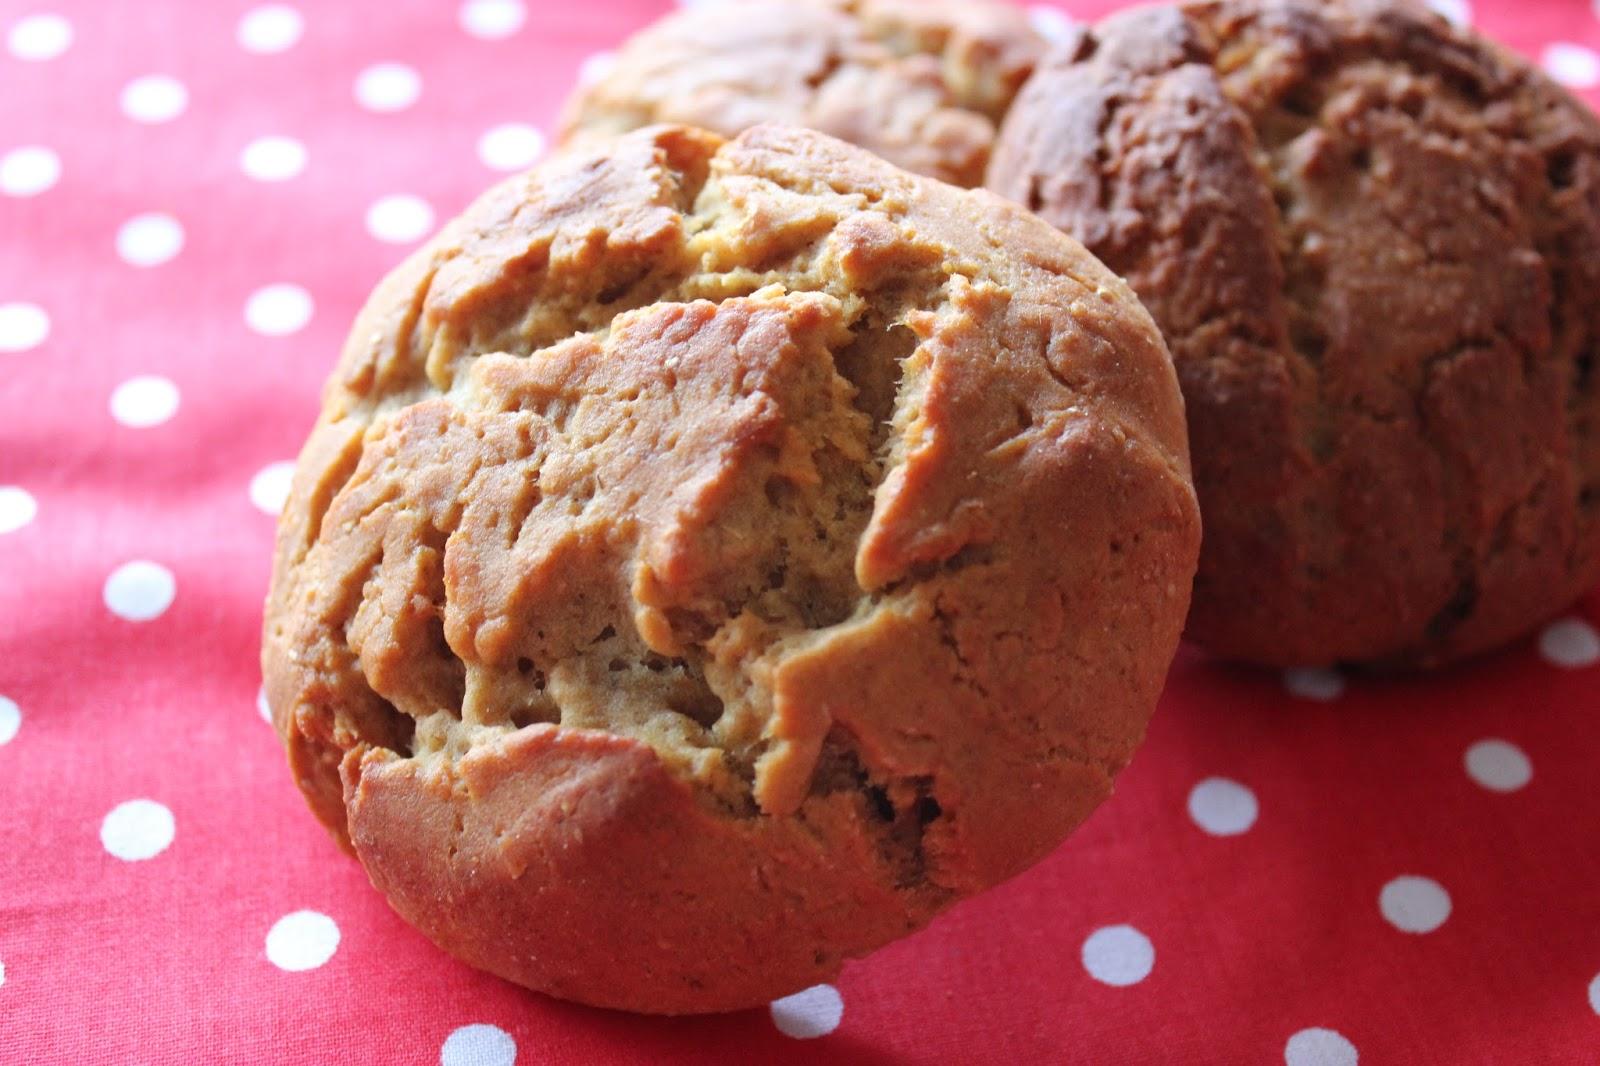 https://cuillereetsaladier.blogspot.com/2013/08/petits-pains-rapides-la-farine-de-pois.html